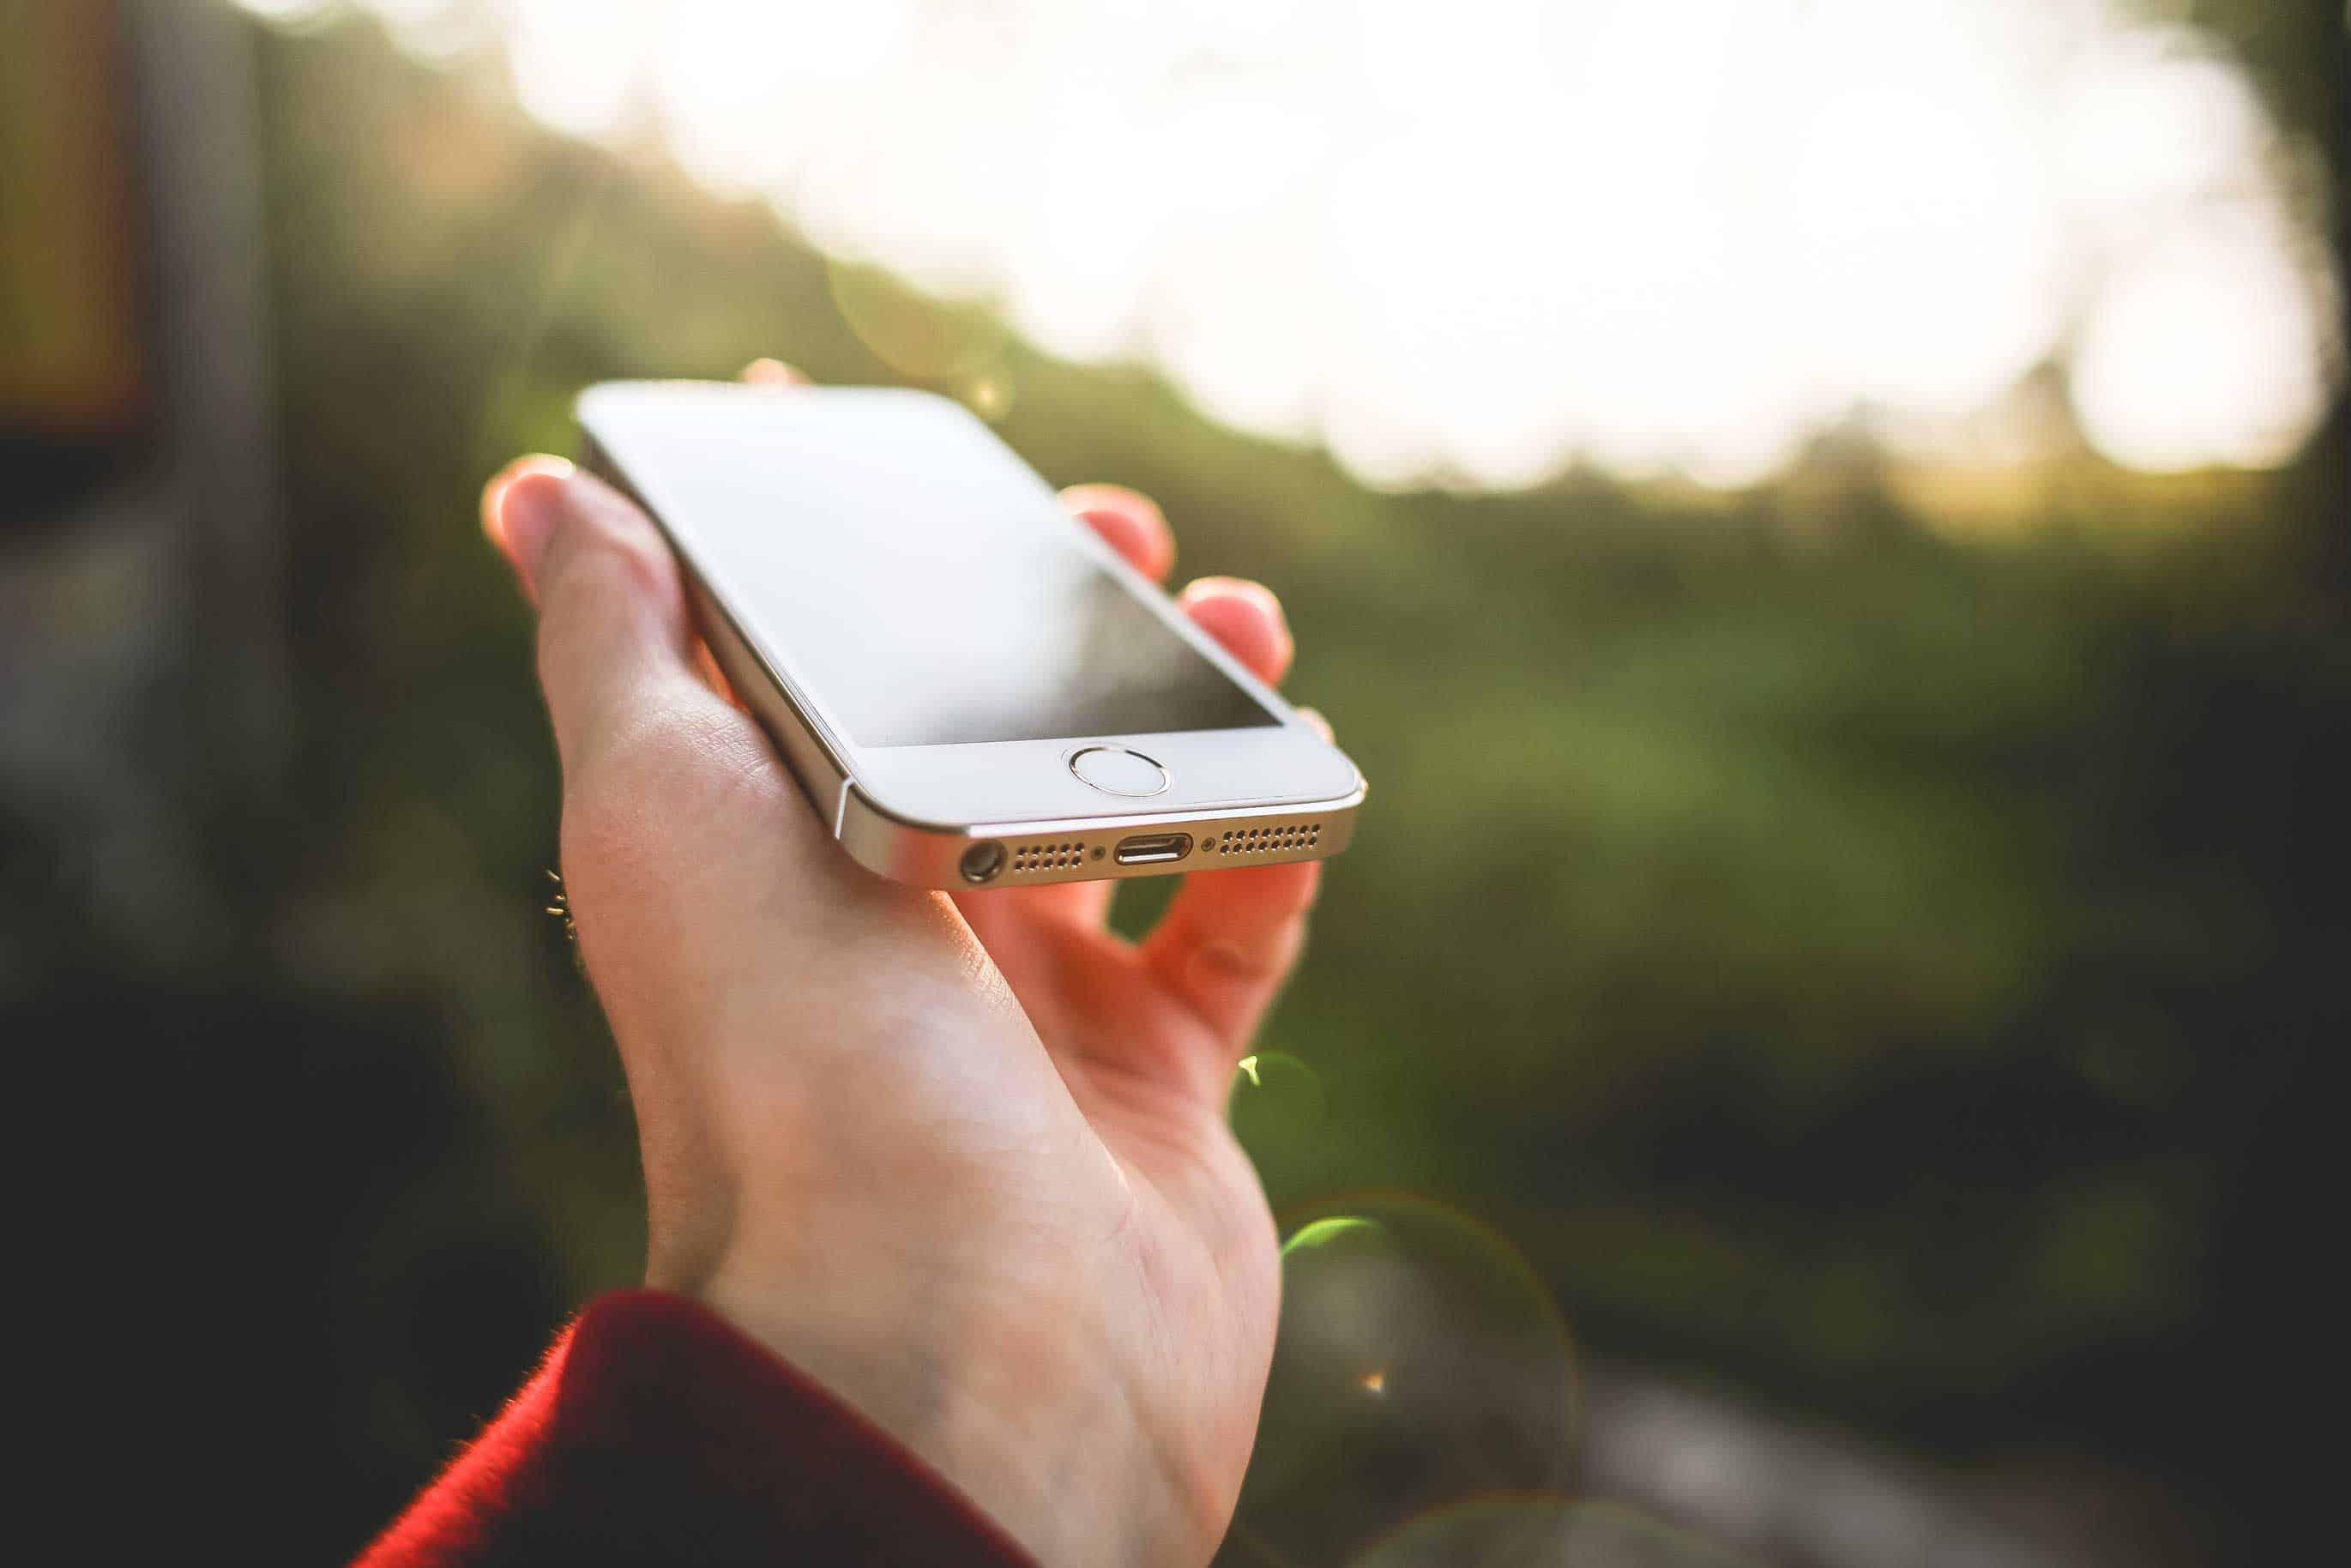 מעבדה לתיקון אייפון שכדאי לכם לפנות אליה